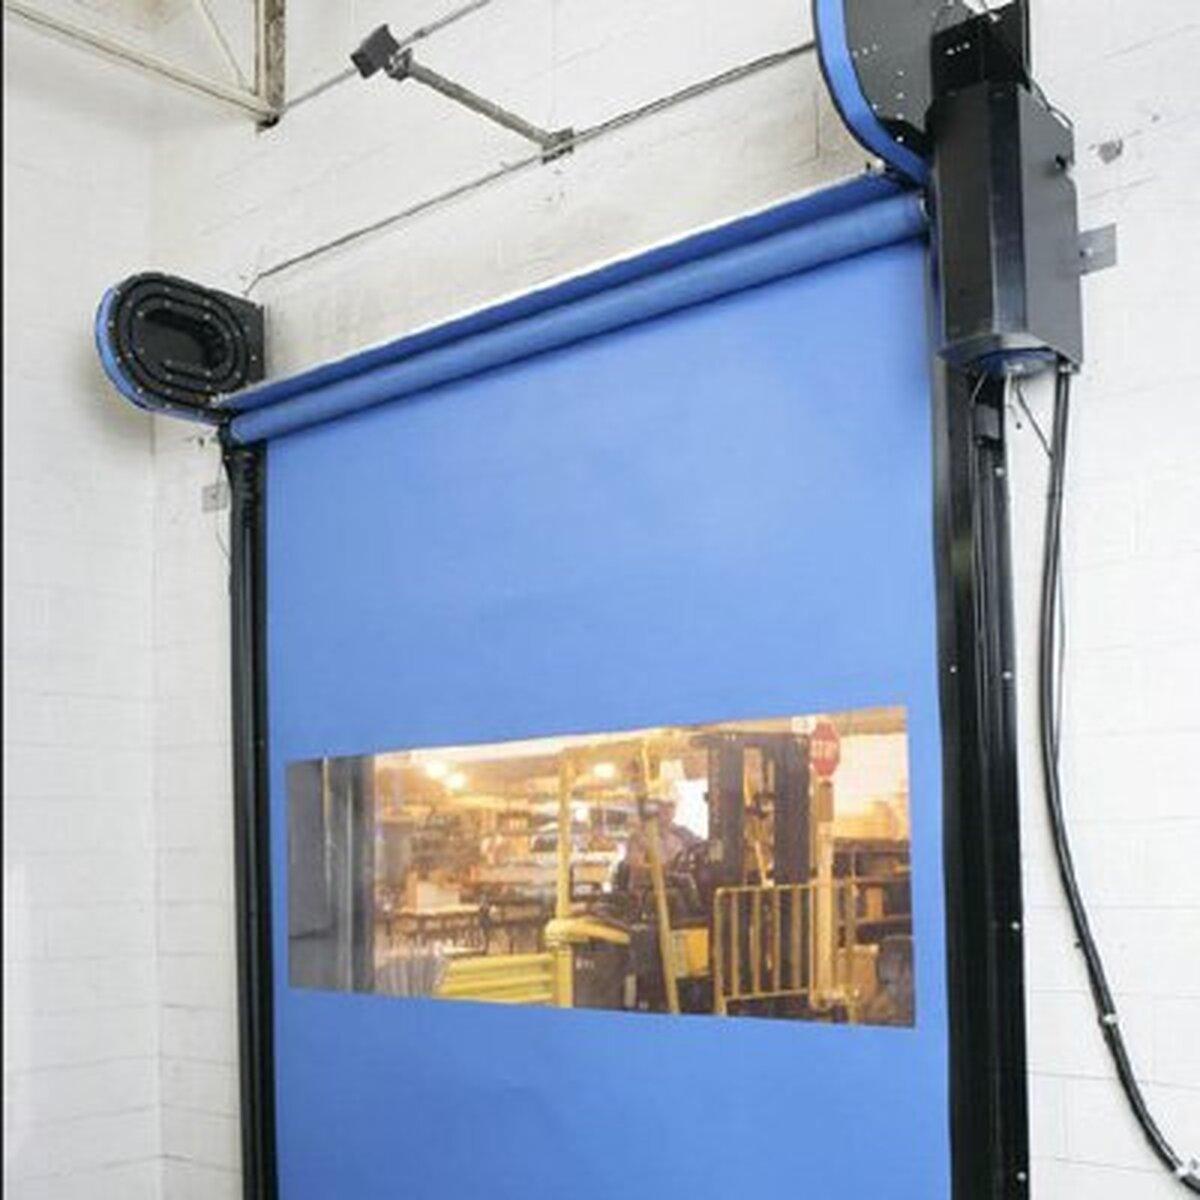 Roll-up door fastrax 400